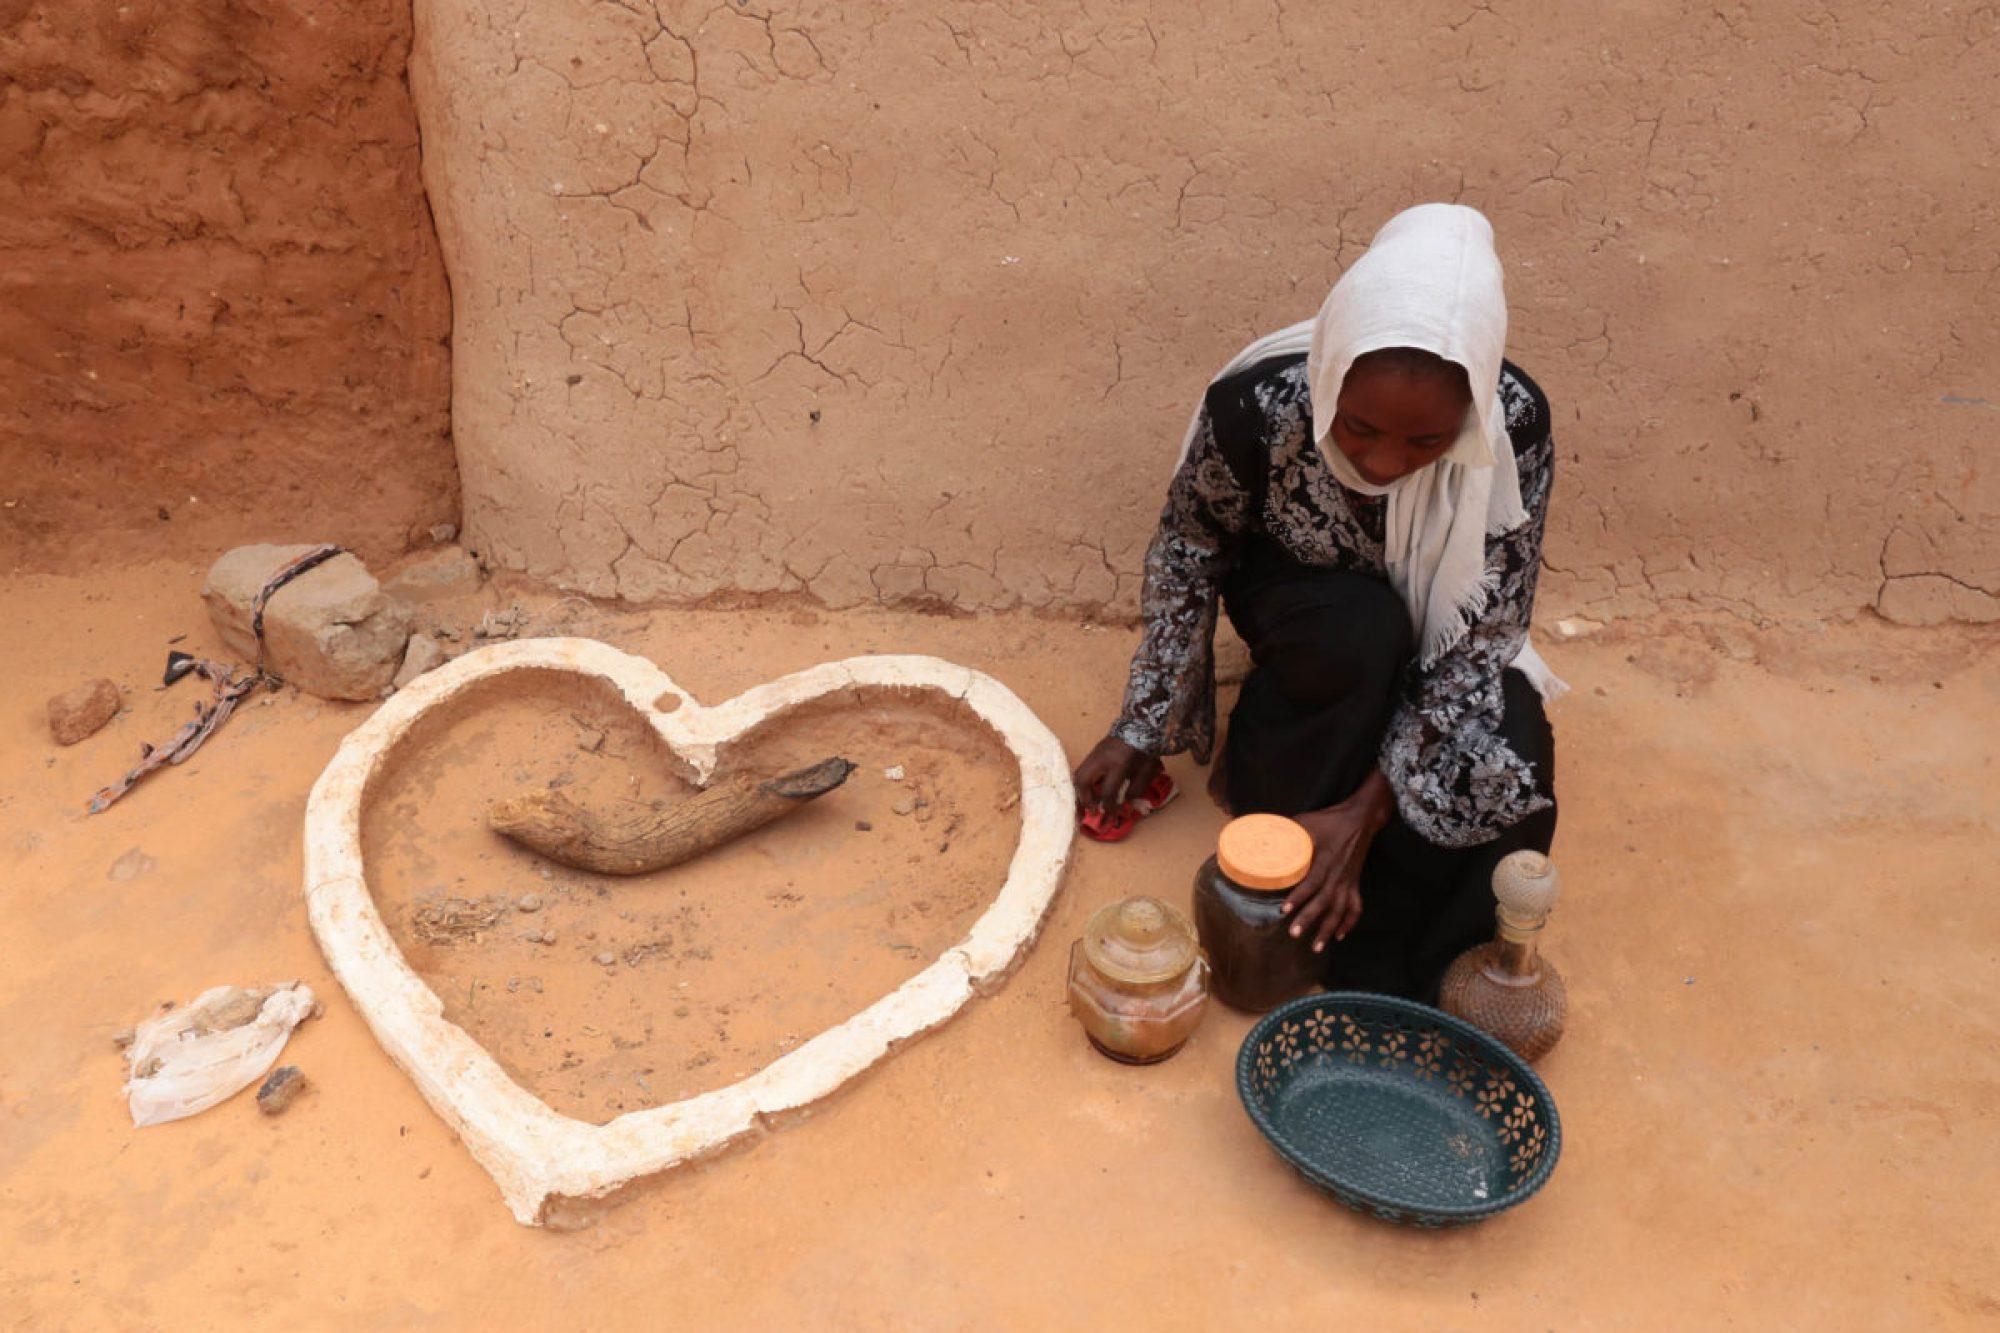 Chica en el campamento de refugiados de Touloum, Chad.